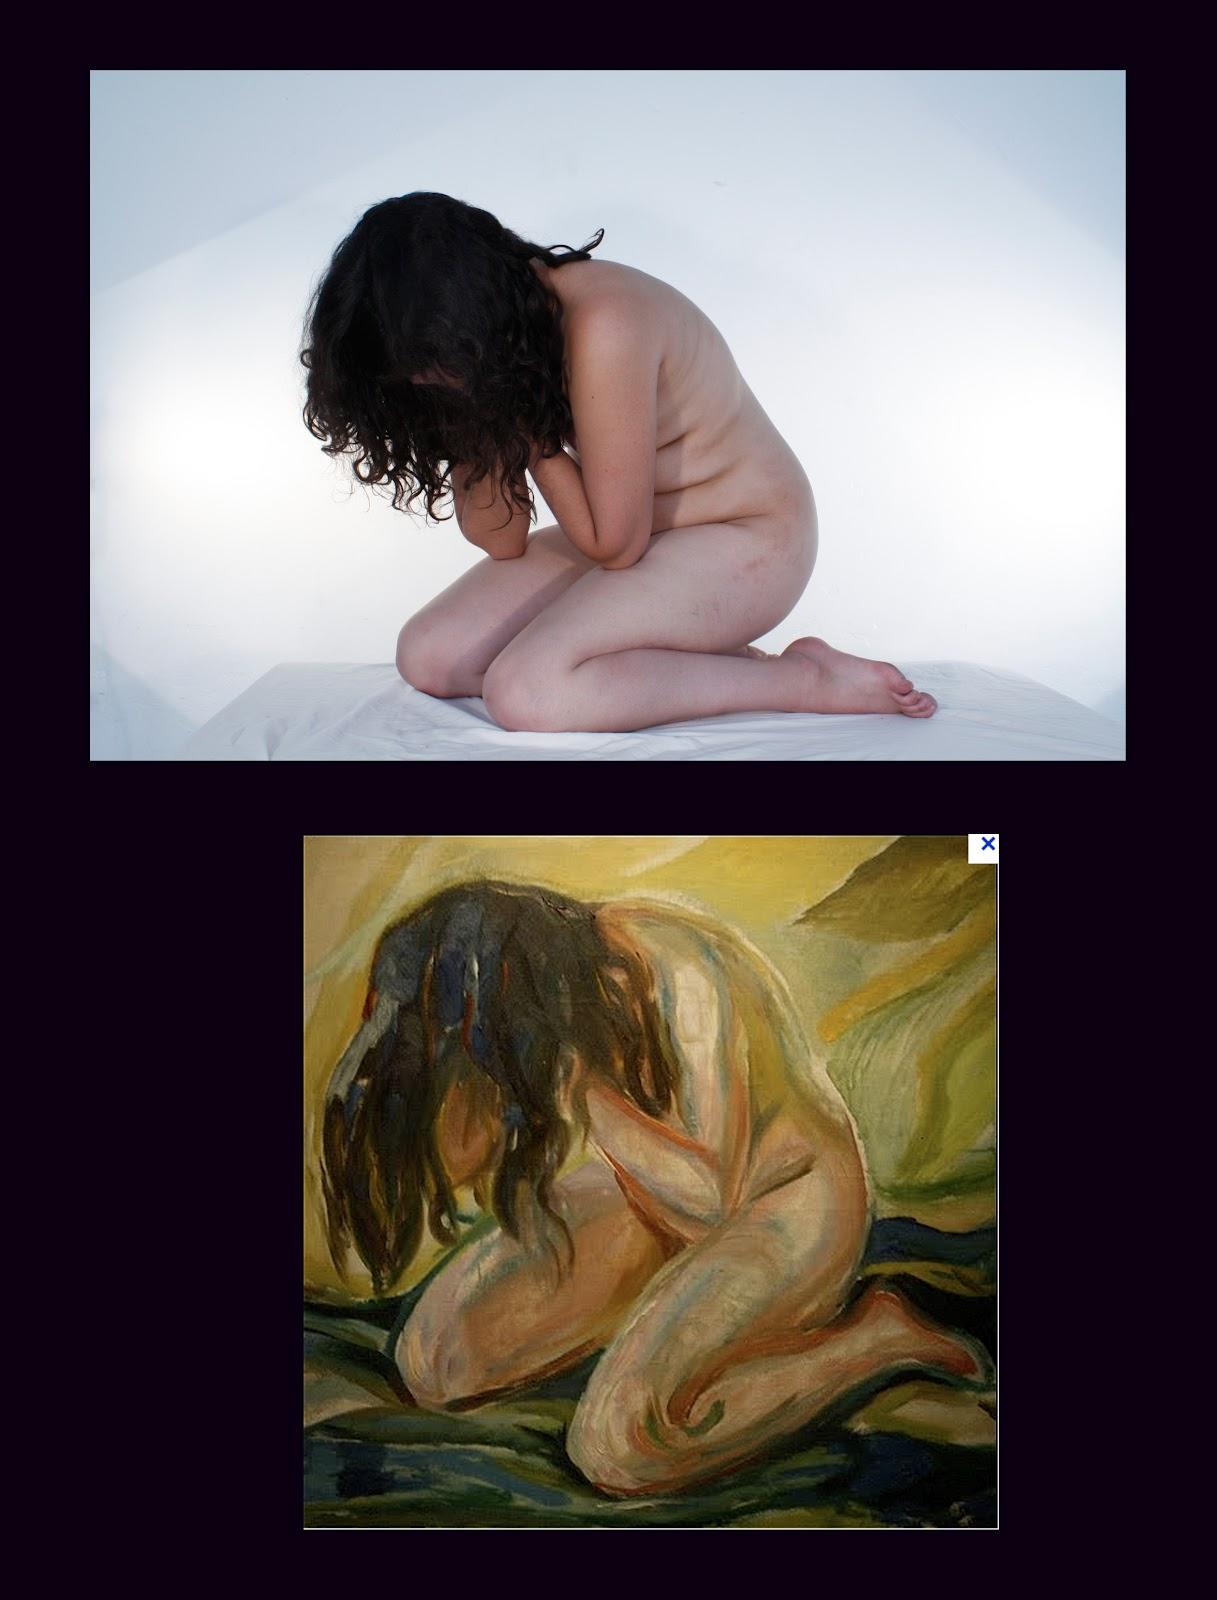 http://2.bp.blogspot.com/-sOeg8RXJOh0/T9VySzeFimI/AAAAAAAAAPA/97Pa5-r1bkU/s1600/Evard+Munch.jpg